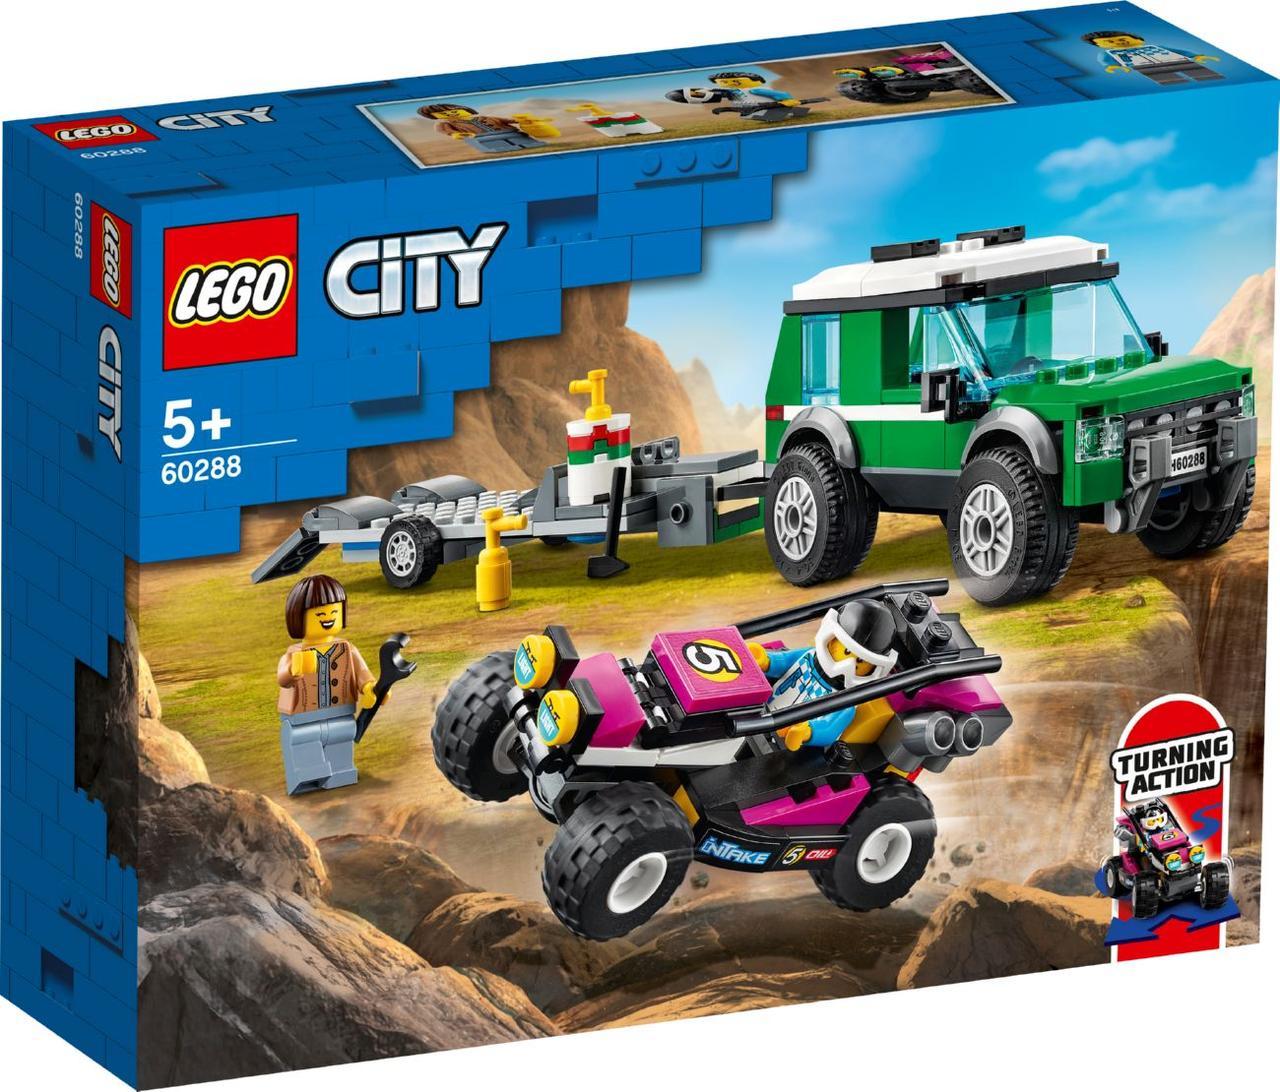 Детский Конструктор Lego City Транспортировка карта 60288